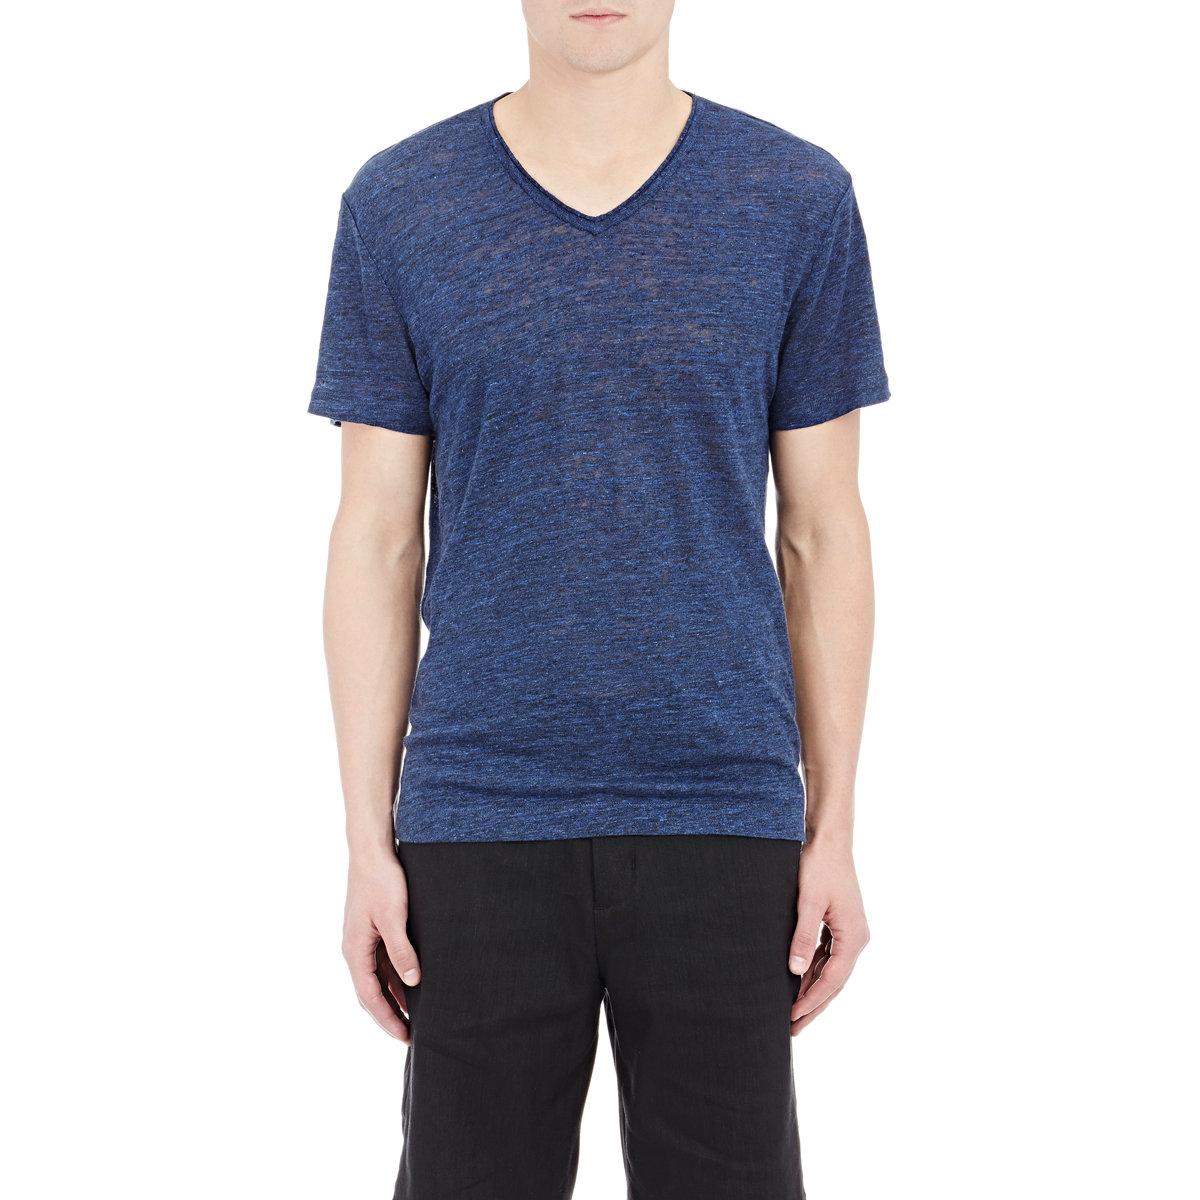 Vince men 39 s linen v neck t shirt in blue for men lyst for Vince tee shirts sale